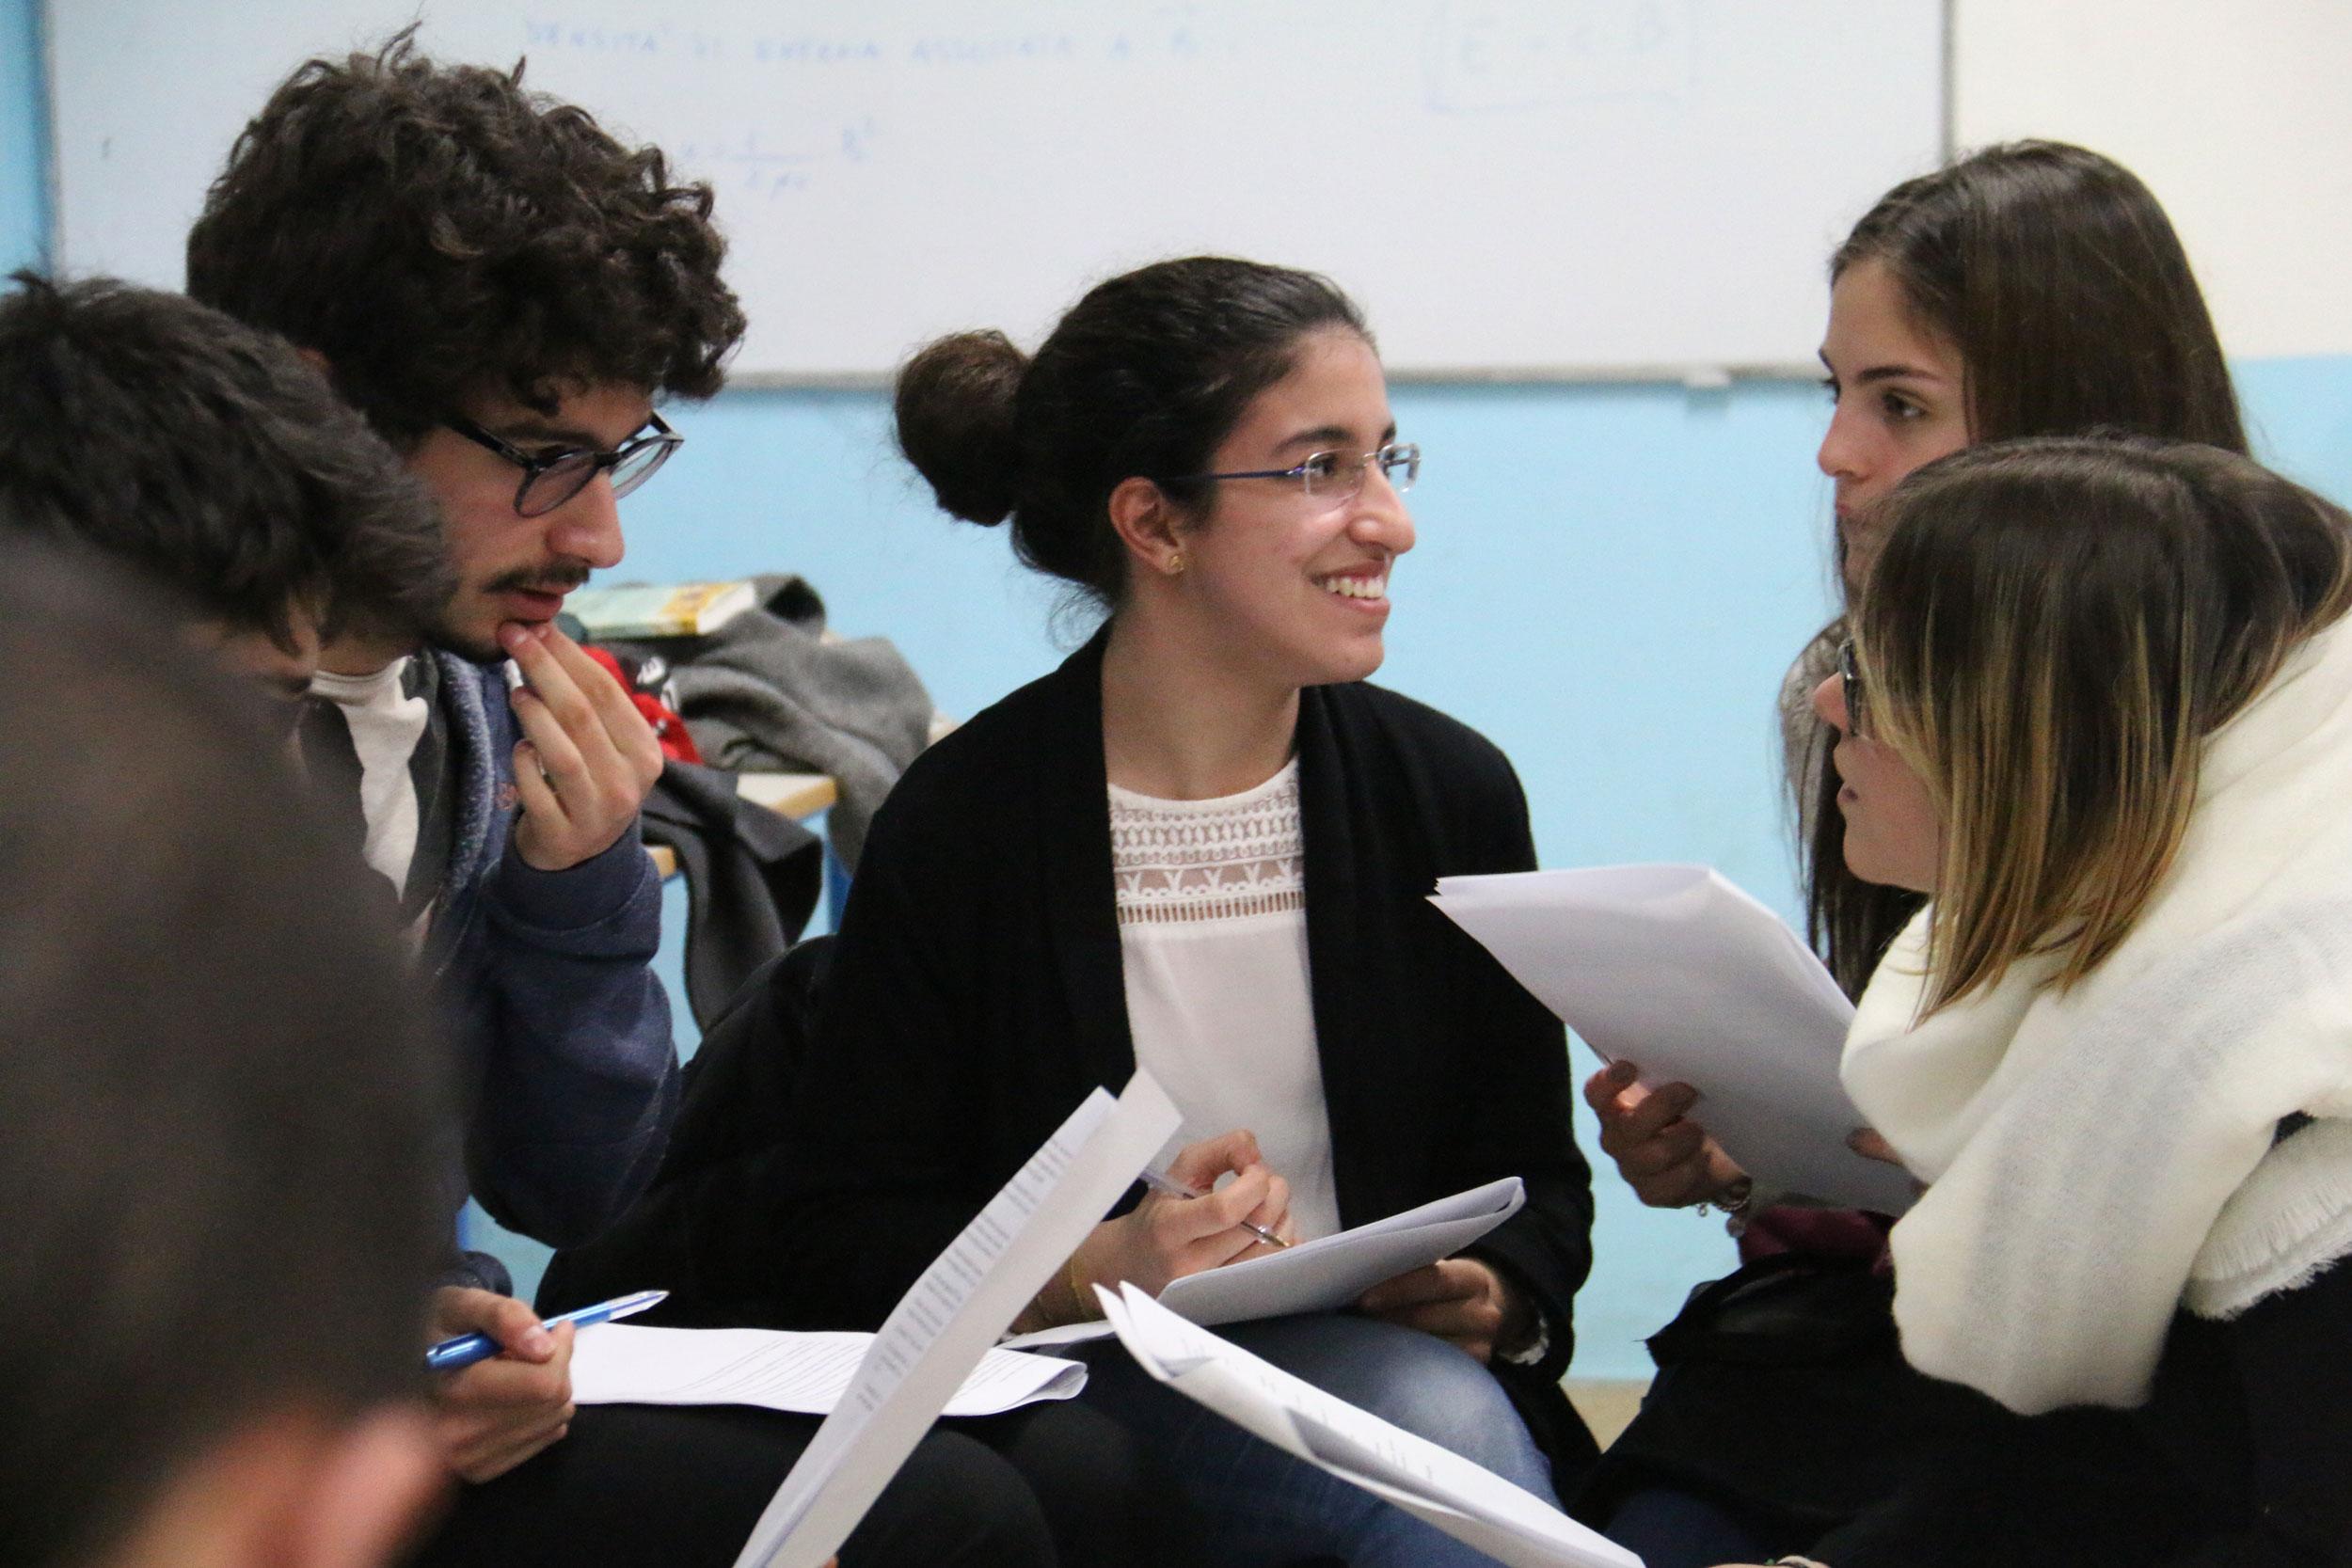 terzo-incontro-progetto-altri-peer-educator-scuola-studenti-incontri-prevezione